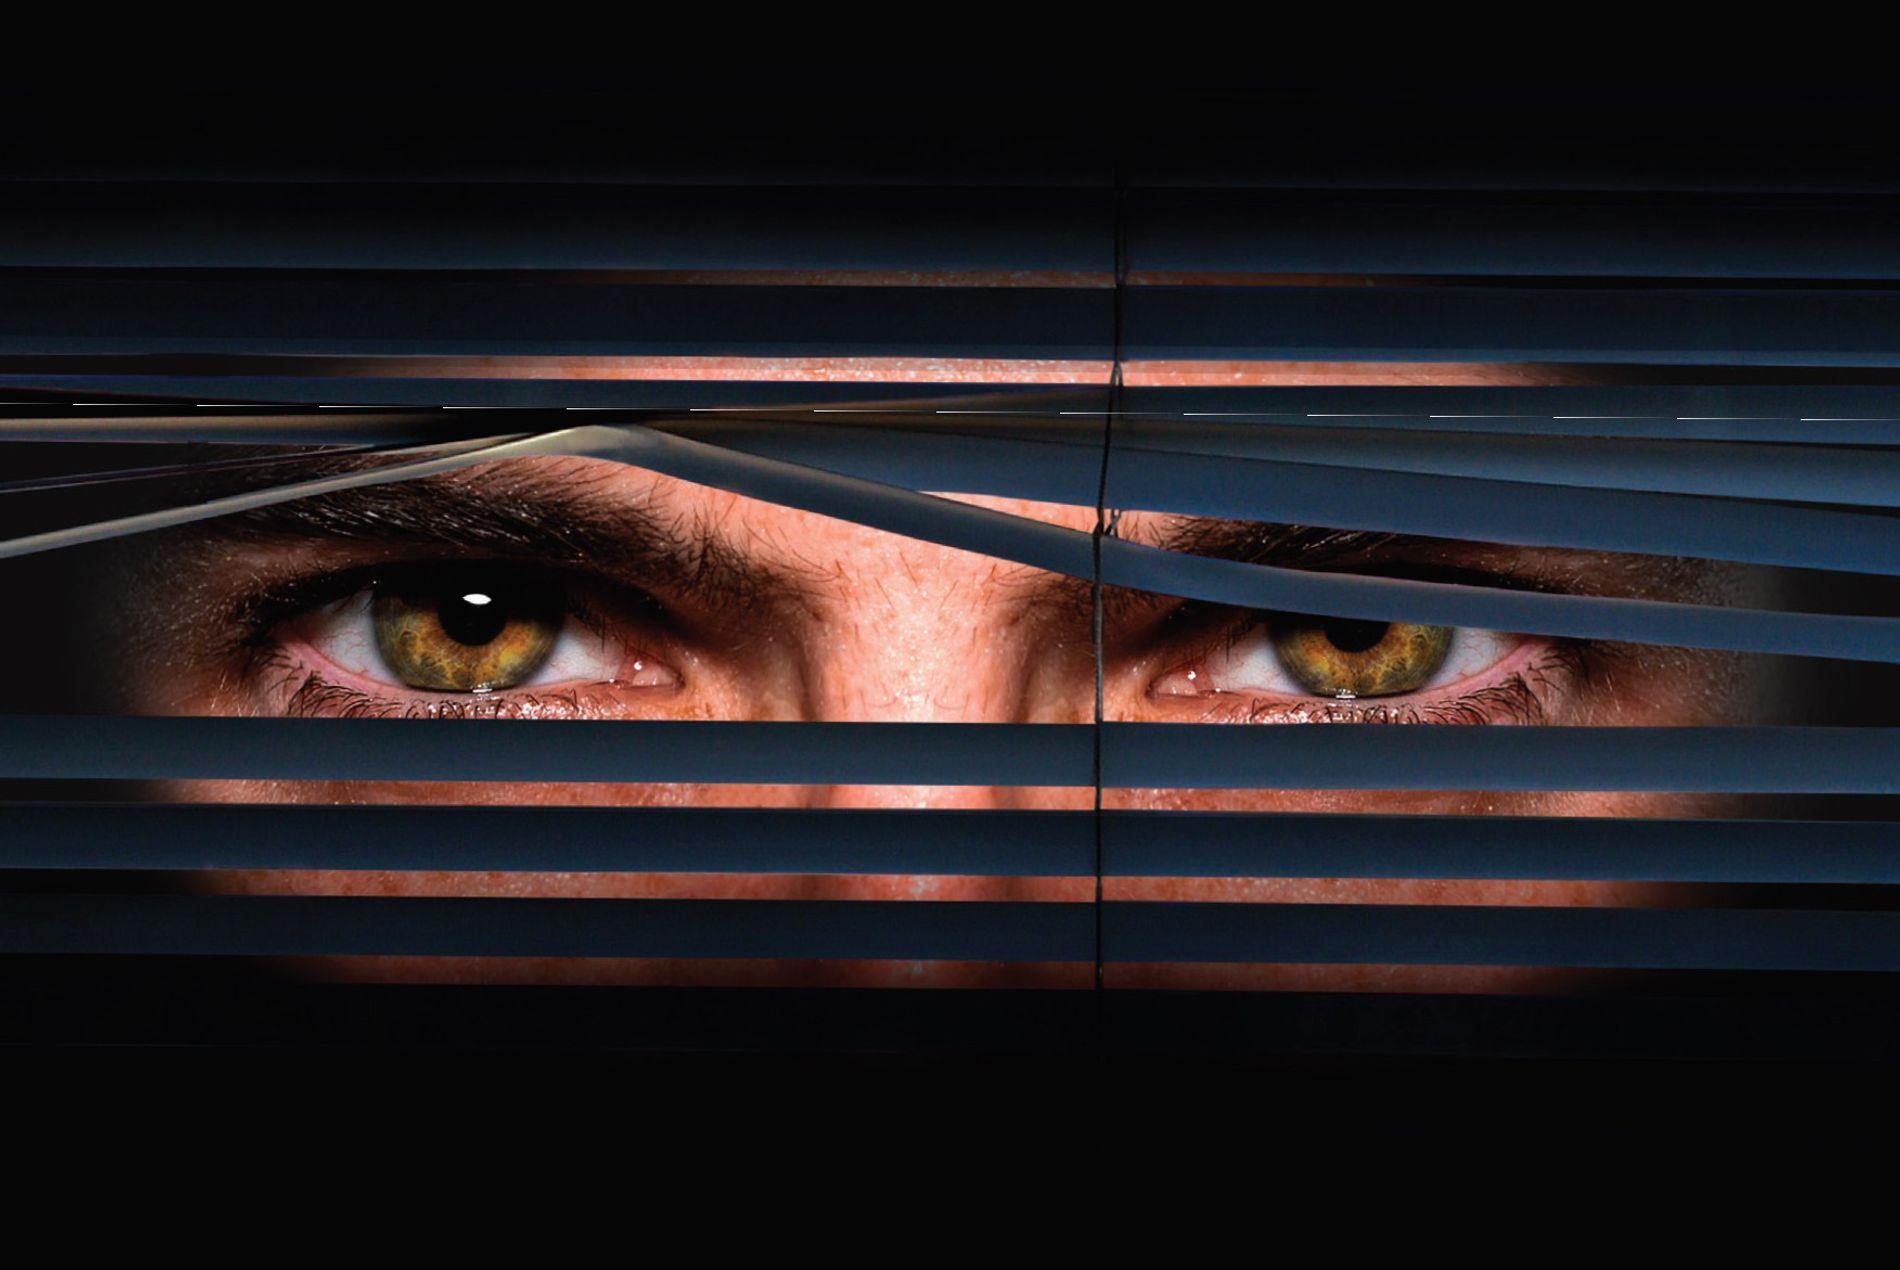 Big Brother da vida real: Estão de olho em você – e em todo o resto …